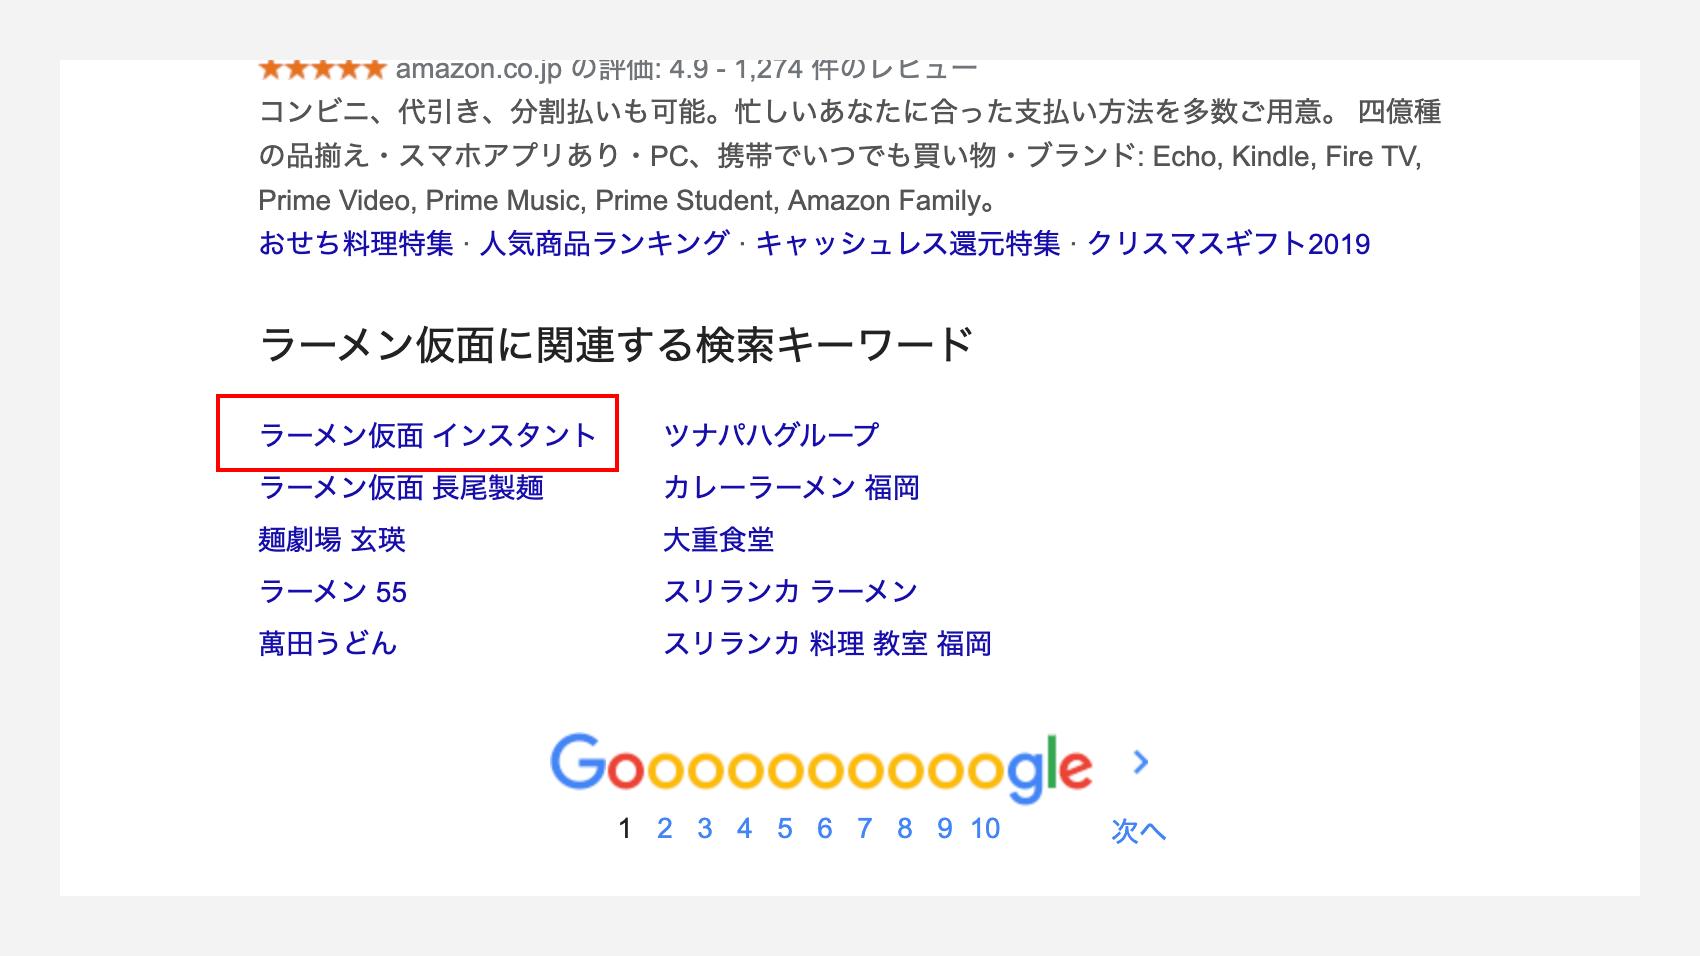 検索結果ページ下部に表示されている関連キーワード一覧